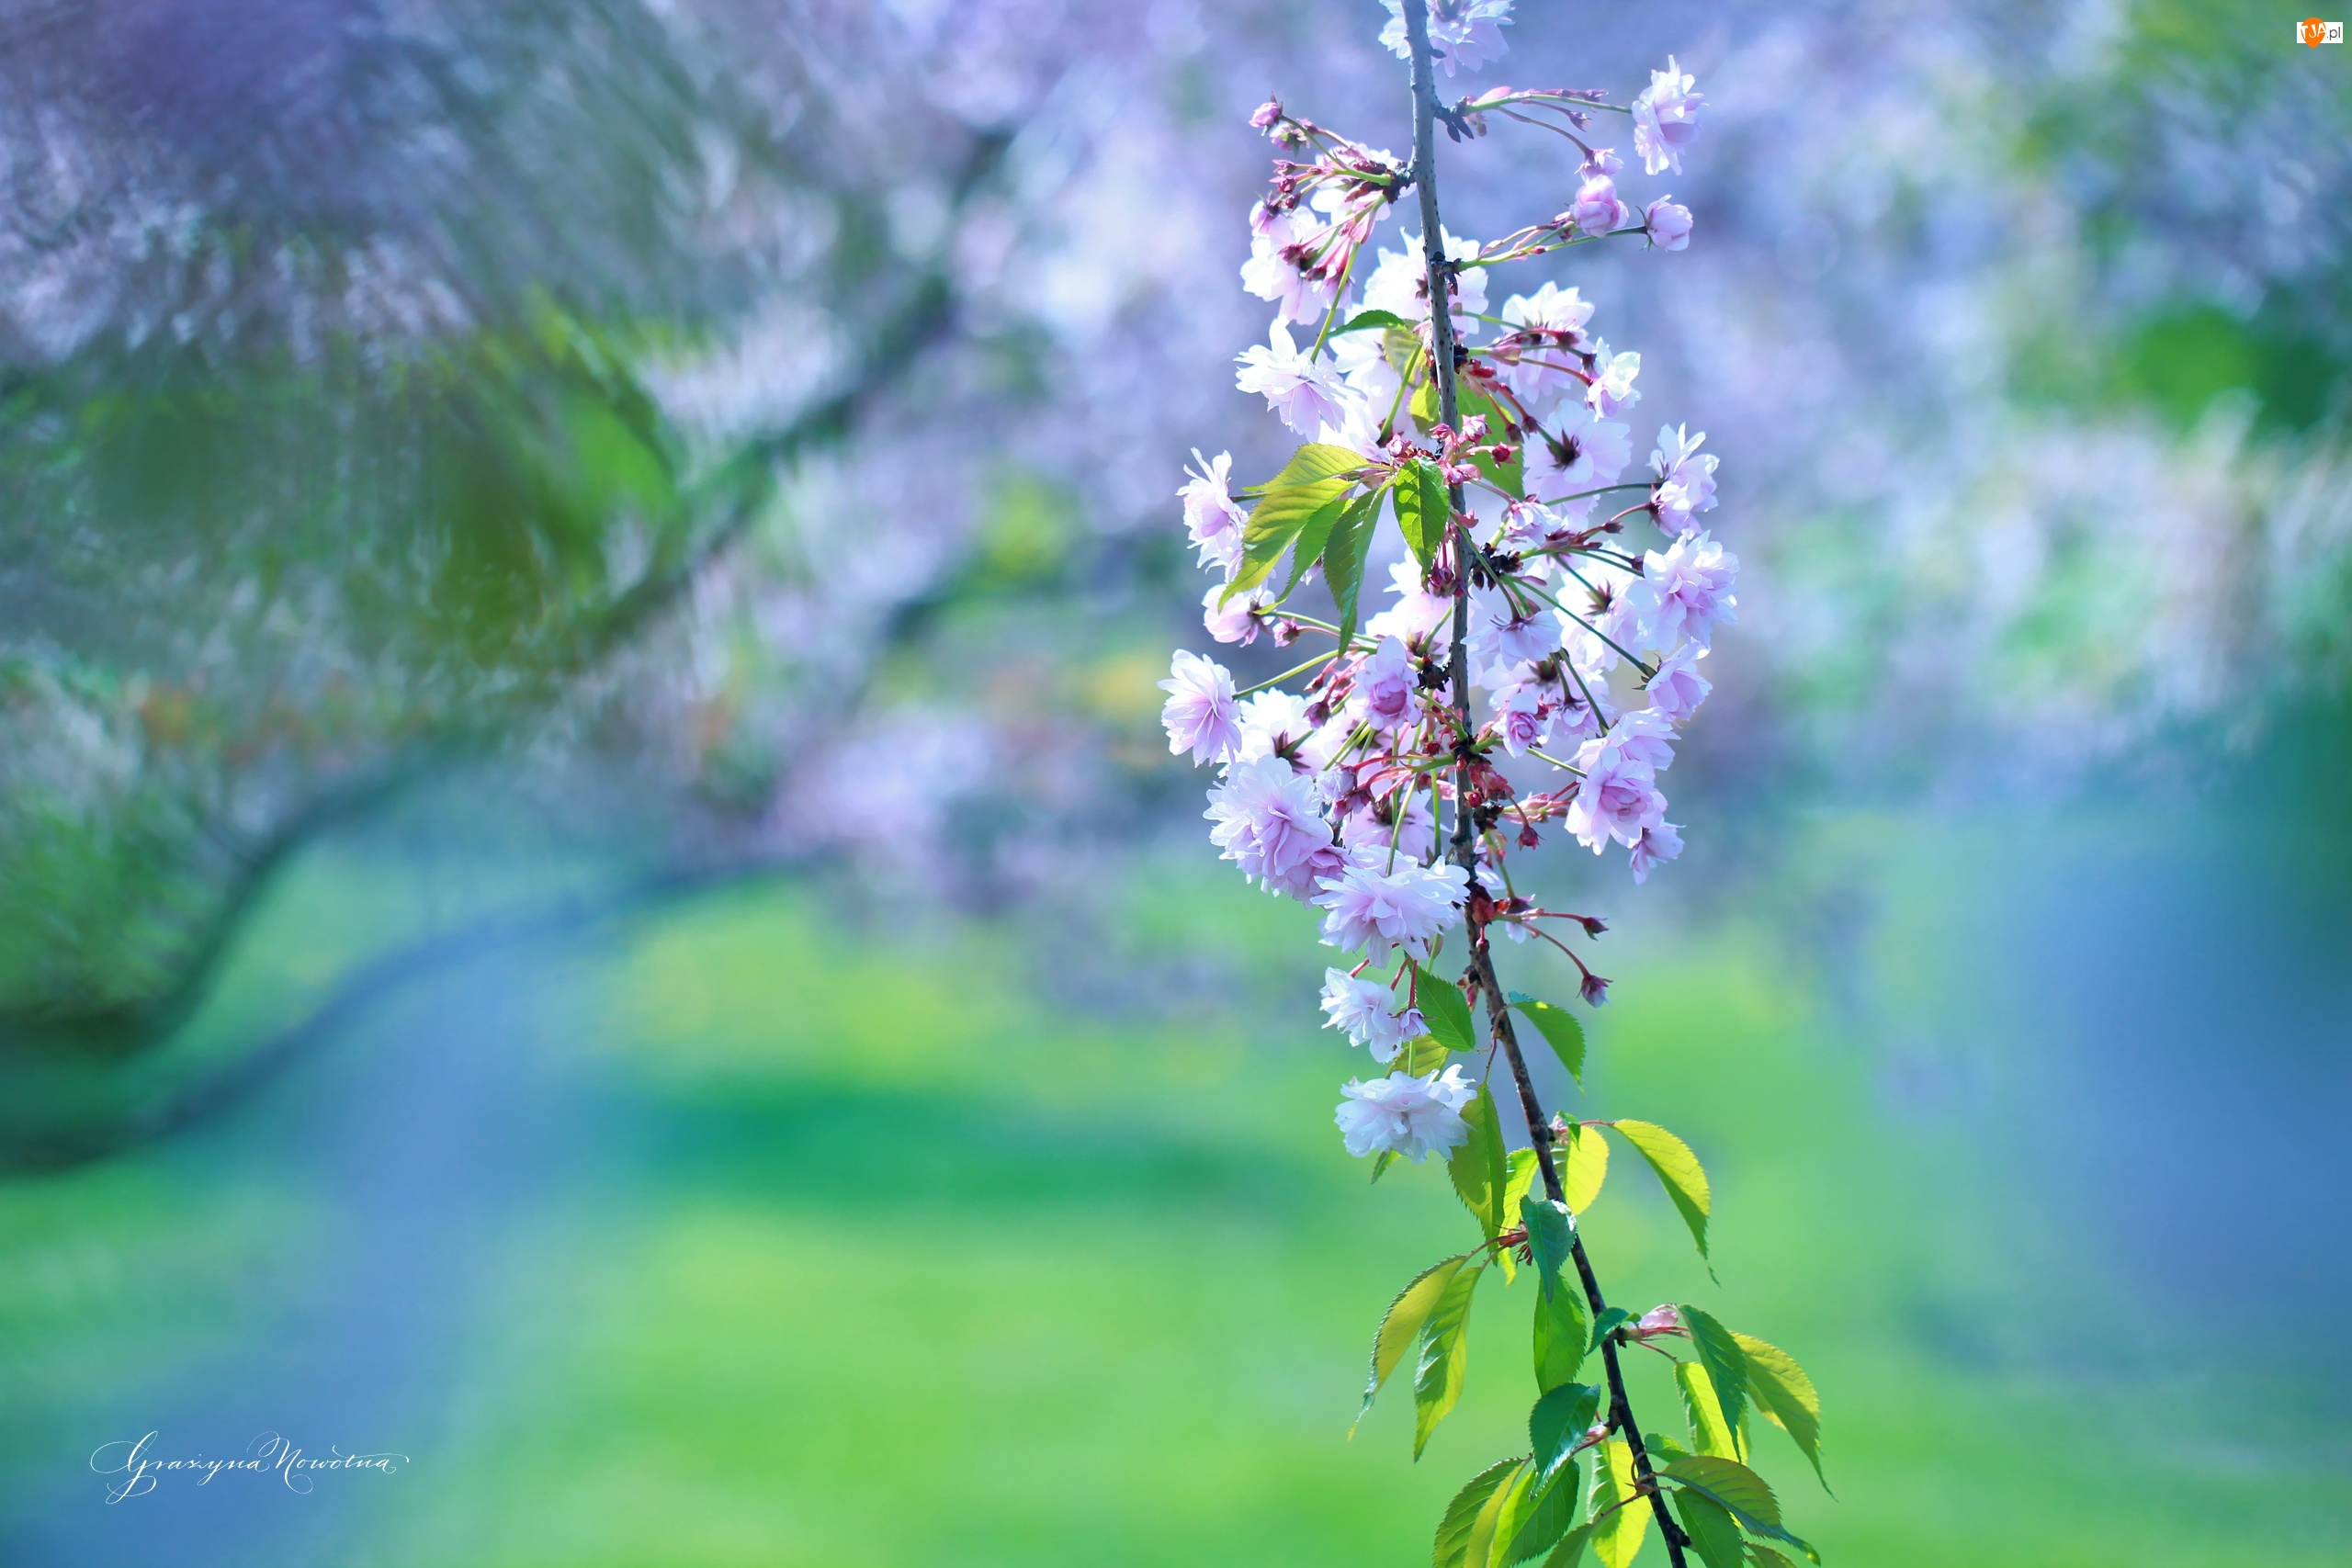 Wiśnia, Gałązka, Drzewo, Owocowe